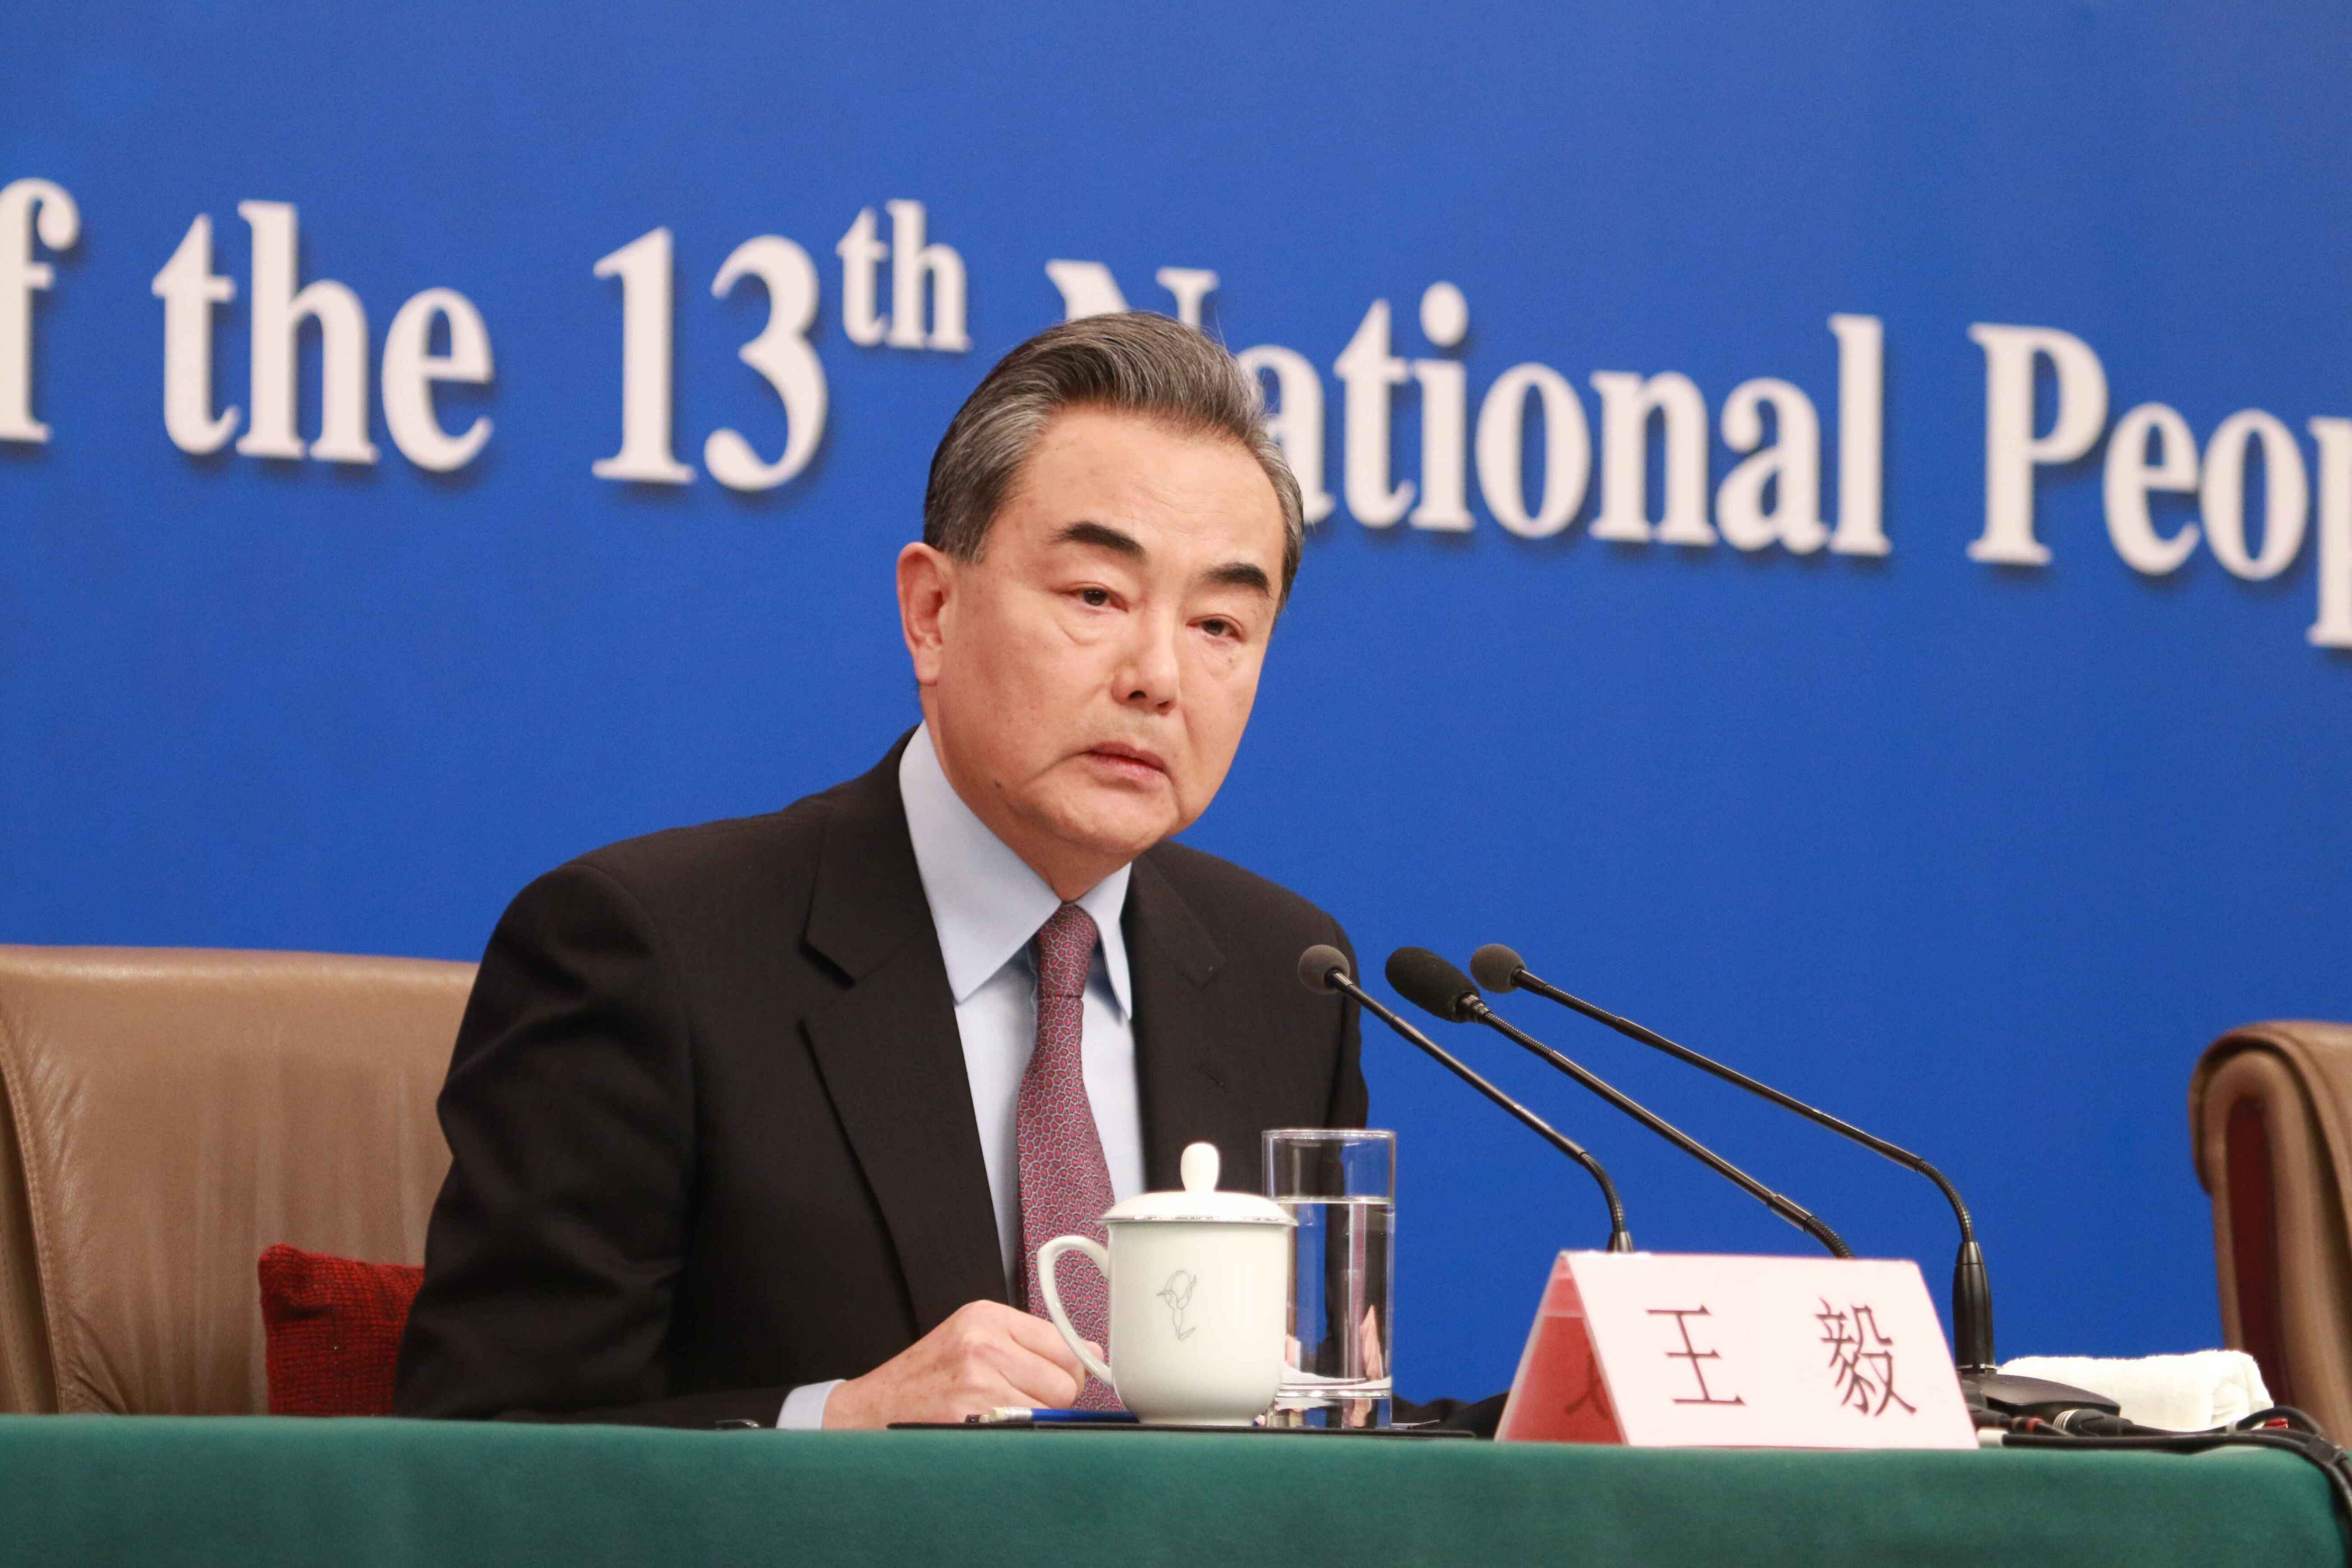 王毅对彭博社记者说:你微笑着说出了非常尖锐的语言